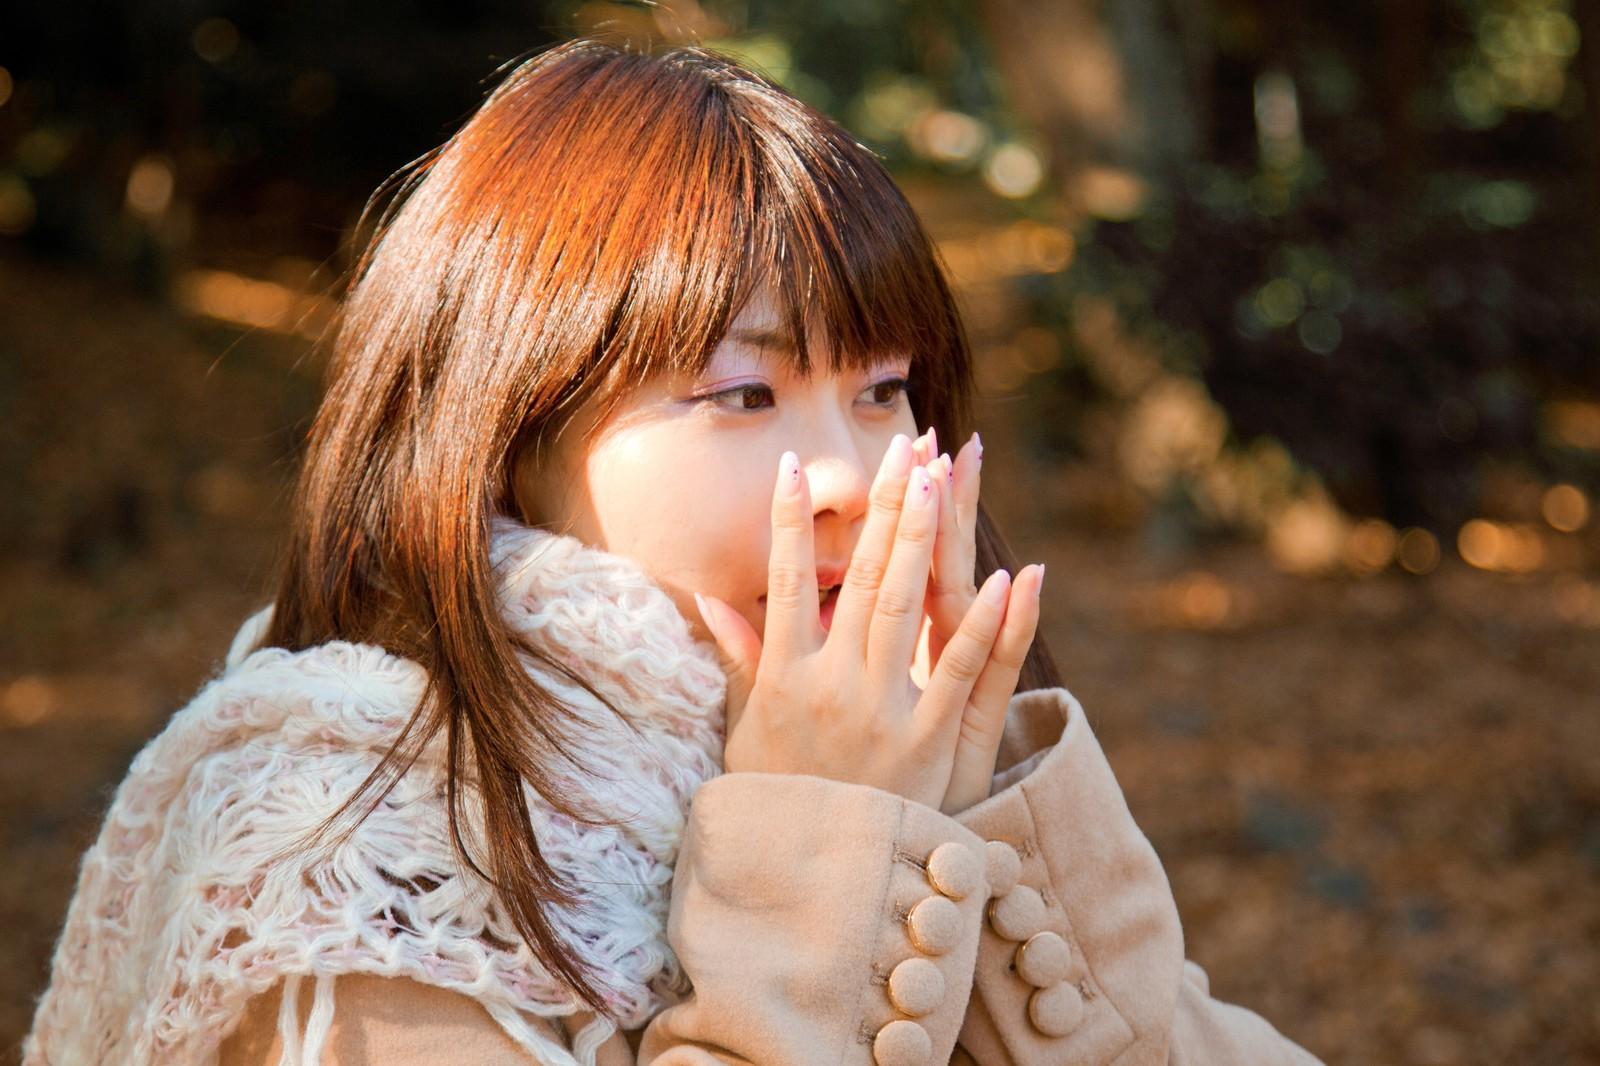 かゆくて痛い!しもやけに効果的な予防法と治し方